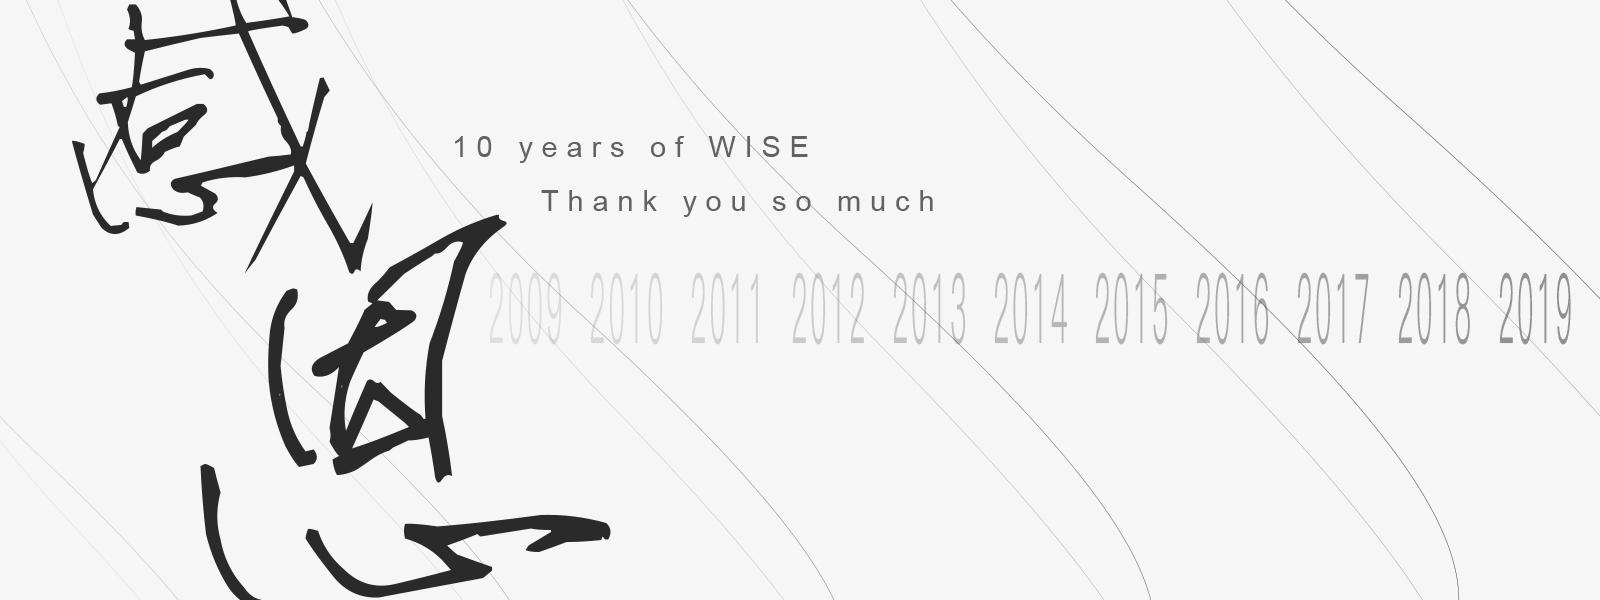 英鸣10年 · 知恩感恩 | 英鸣软装 · 佛山软装 |